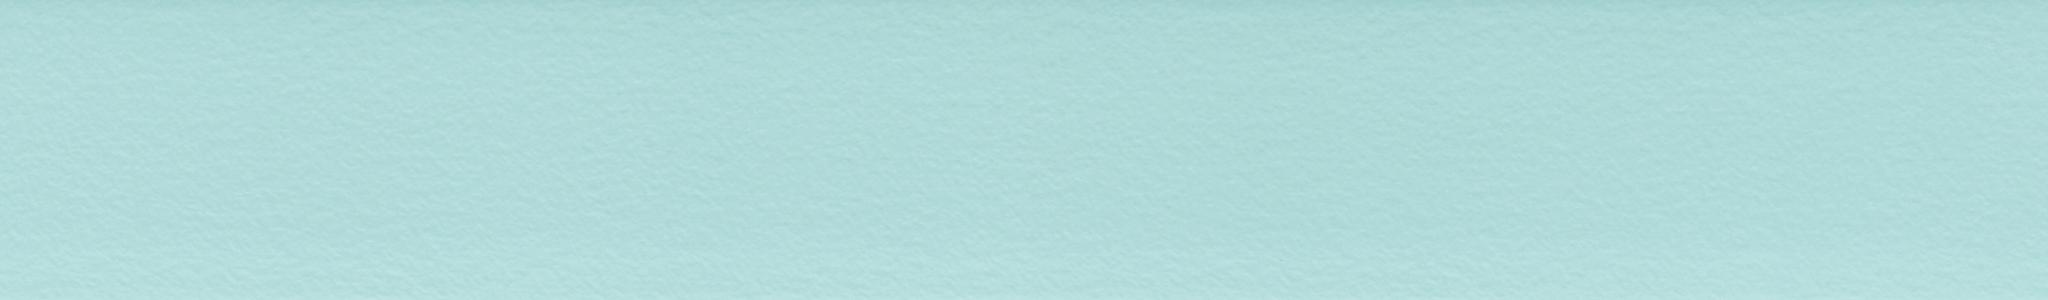 HU 15503 ABS hrana modrá perla jemná 107